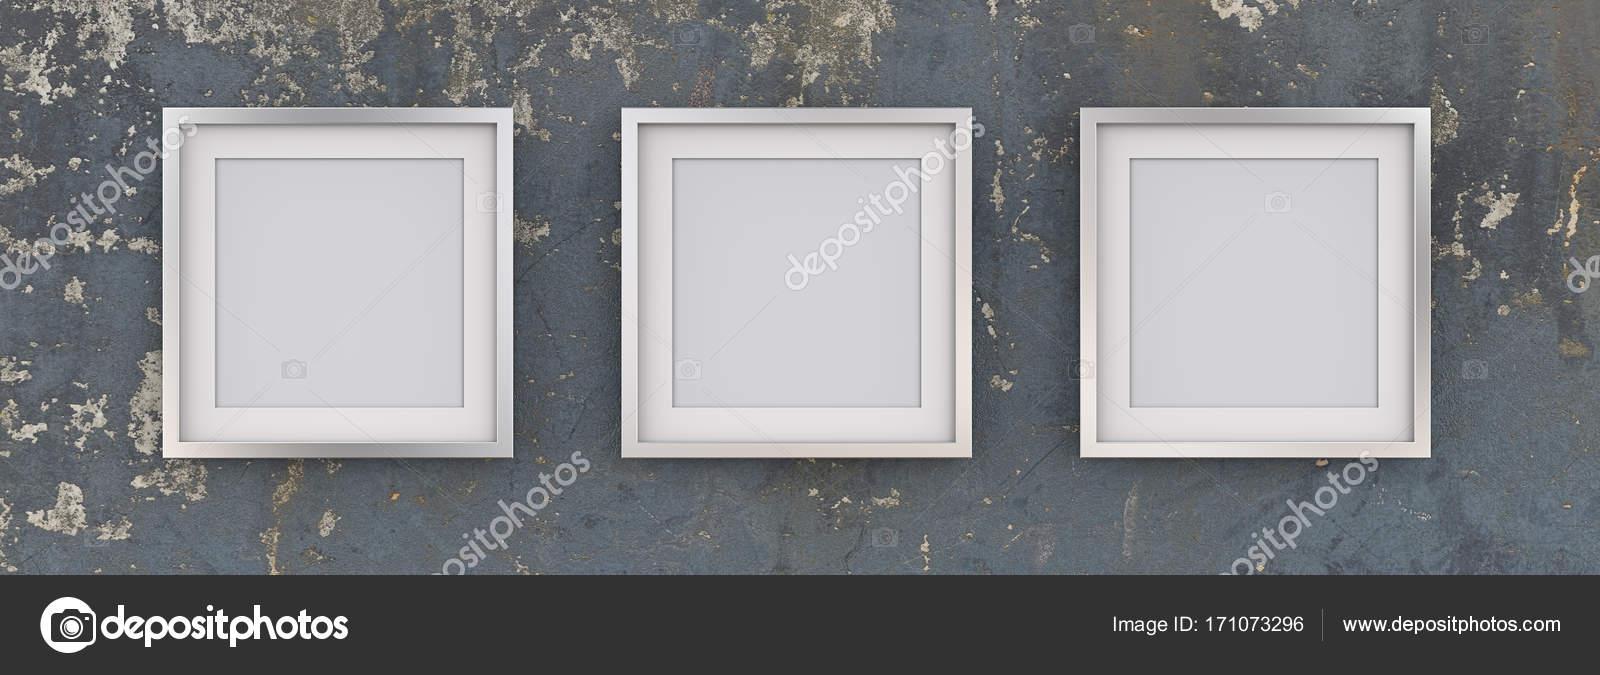 3 Marcos cuadrados de Metal en la pared azul gastado — Fotos de ...